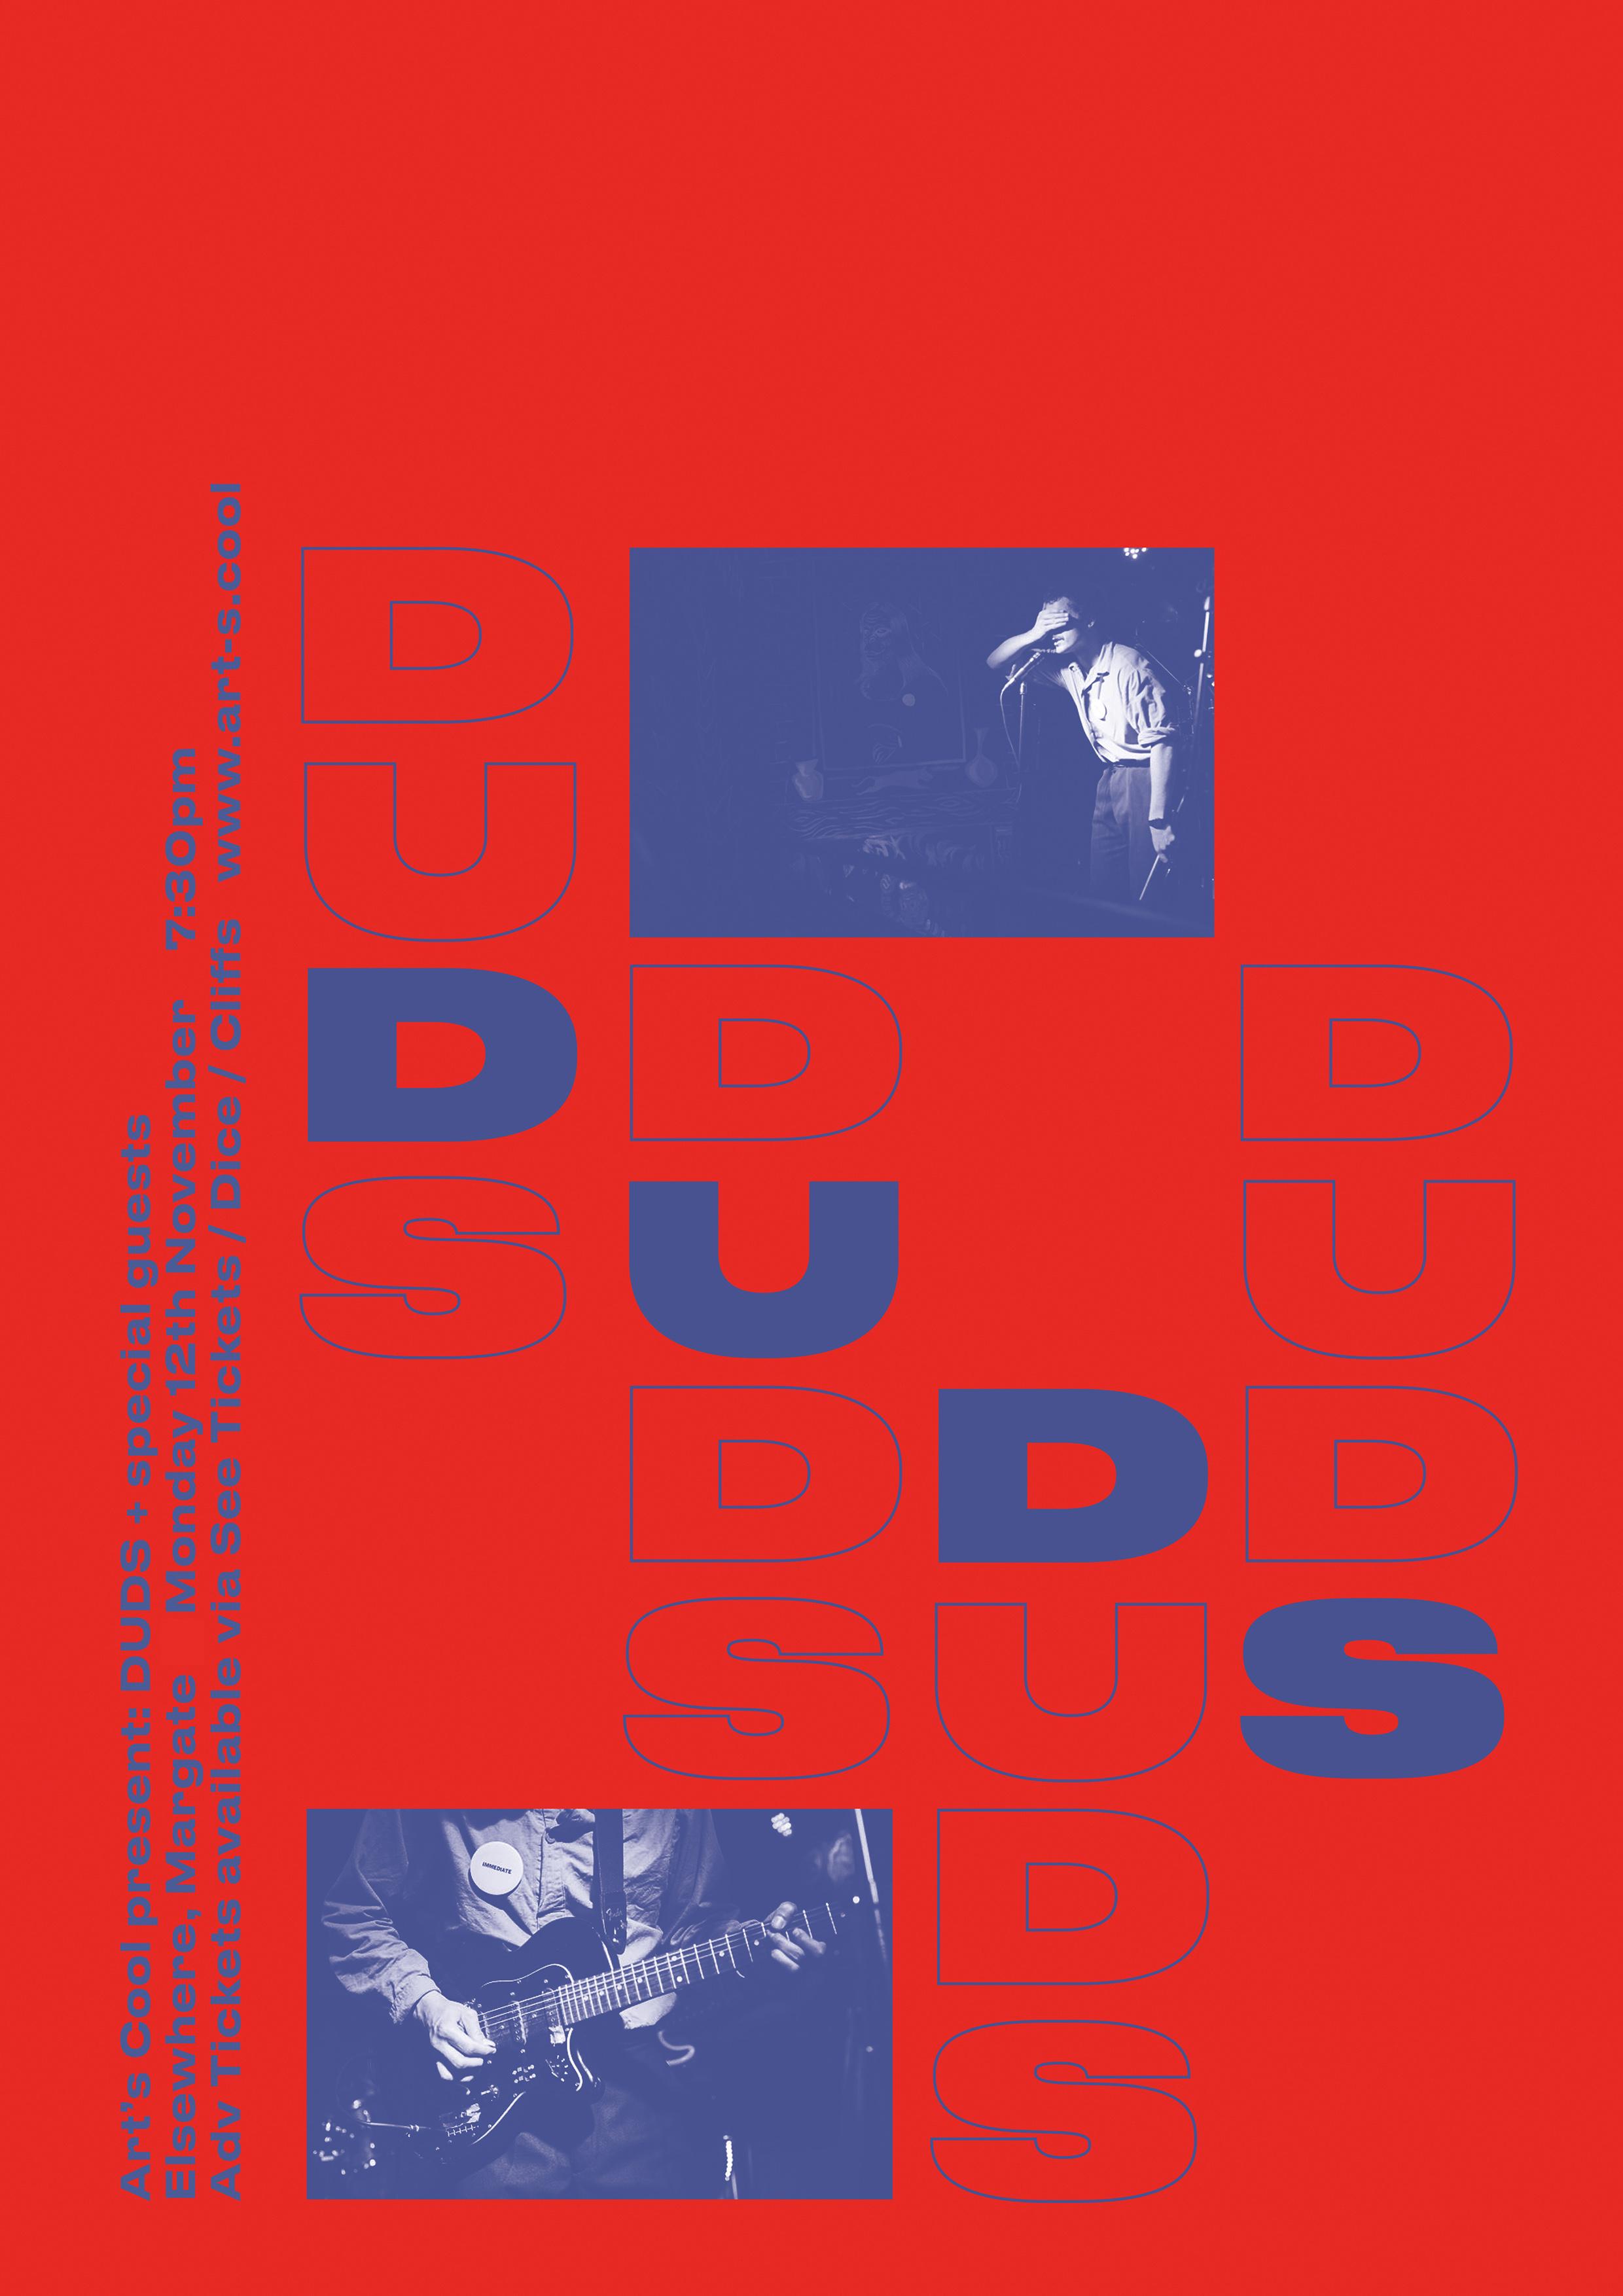 DUDS poster_DIGITAL.jpg